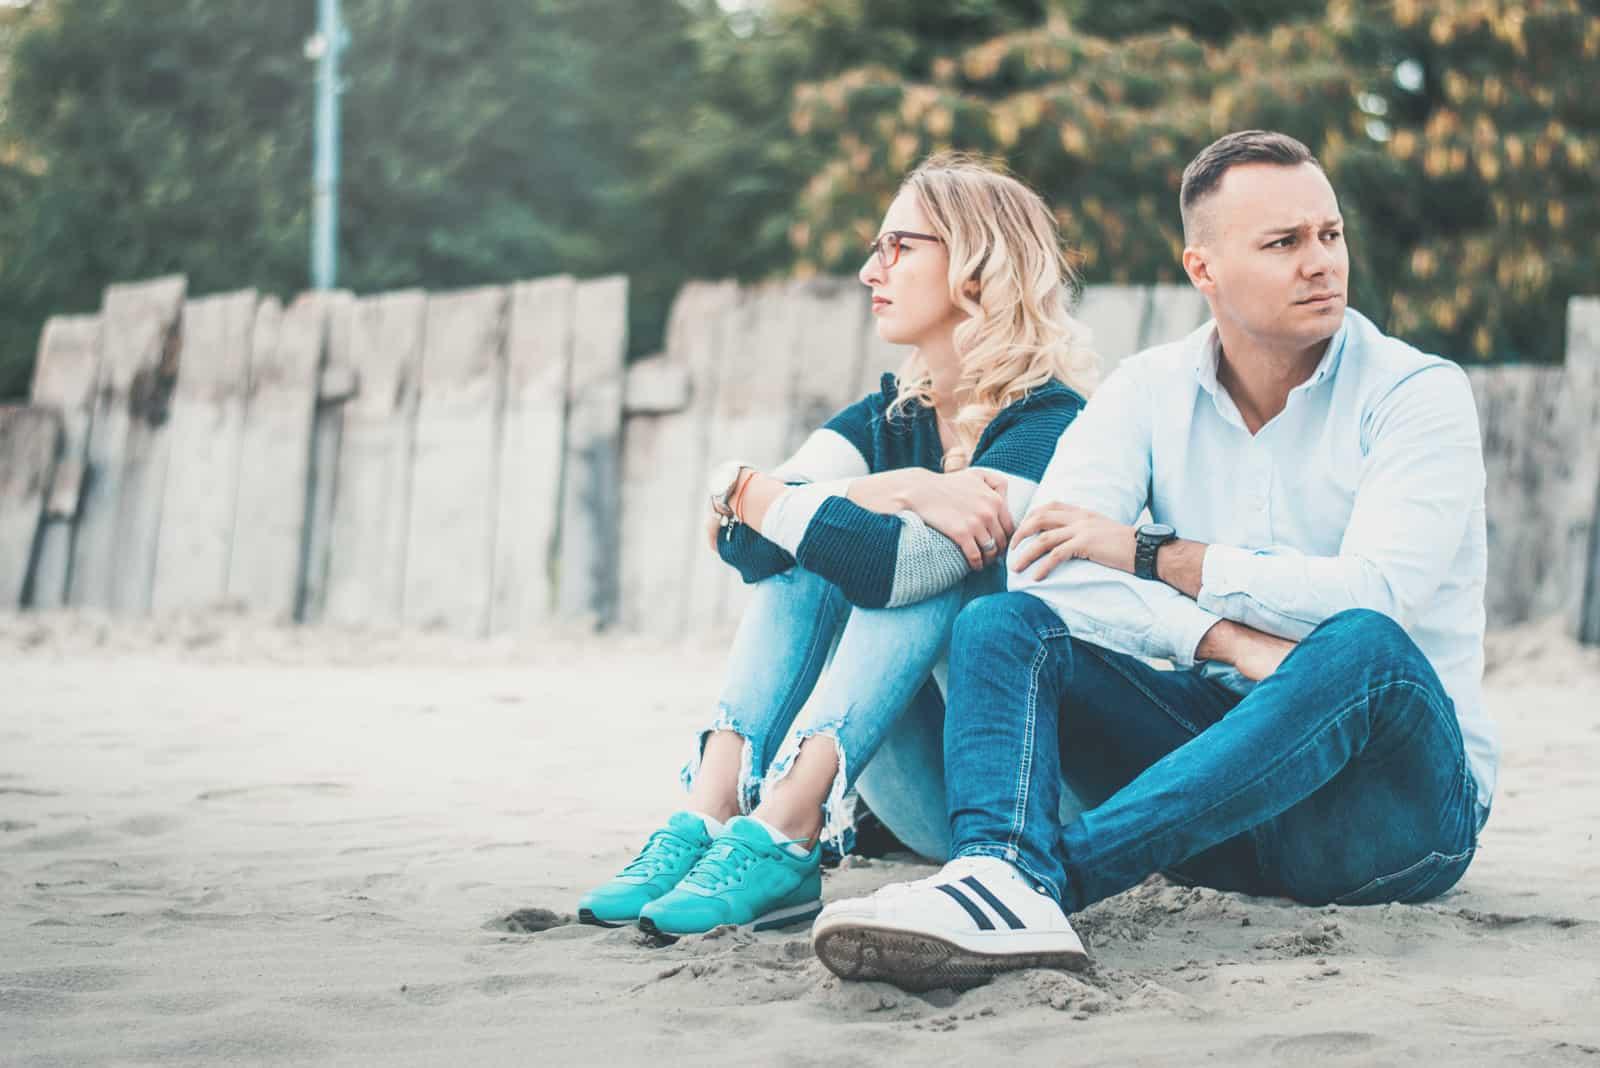 homme et femme tristes assis sur le sable près d'une clôture en bois